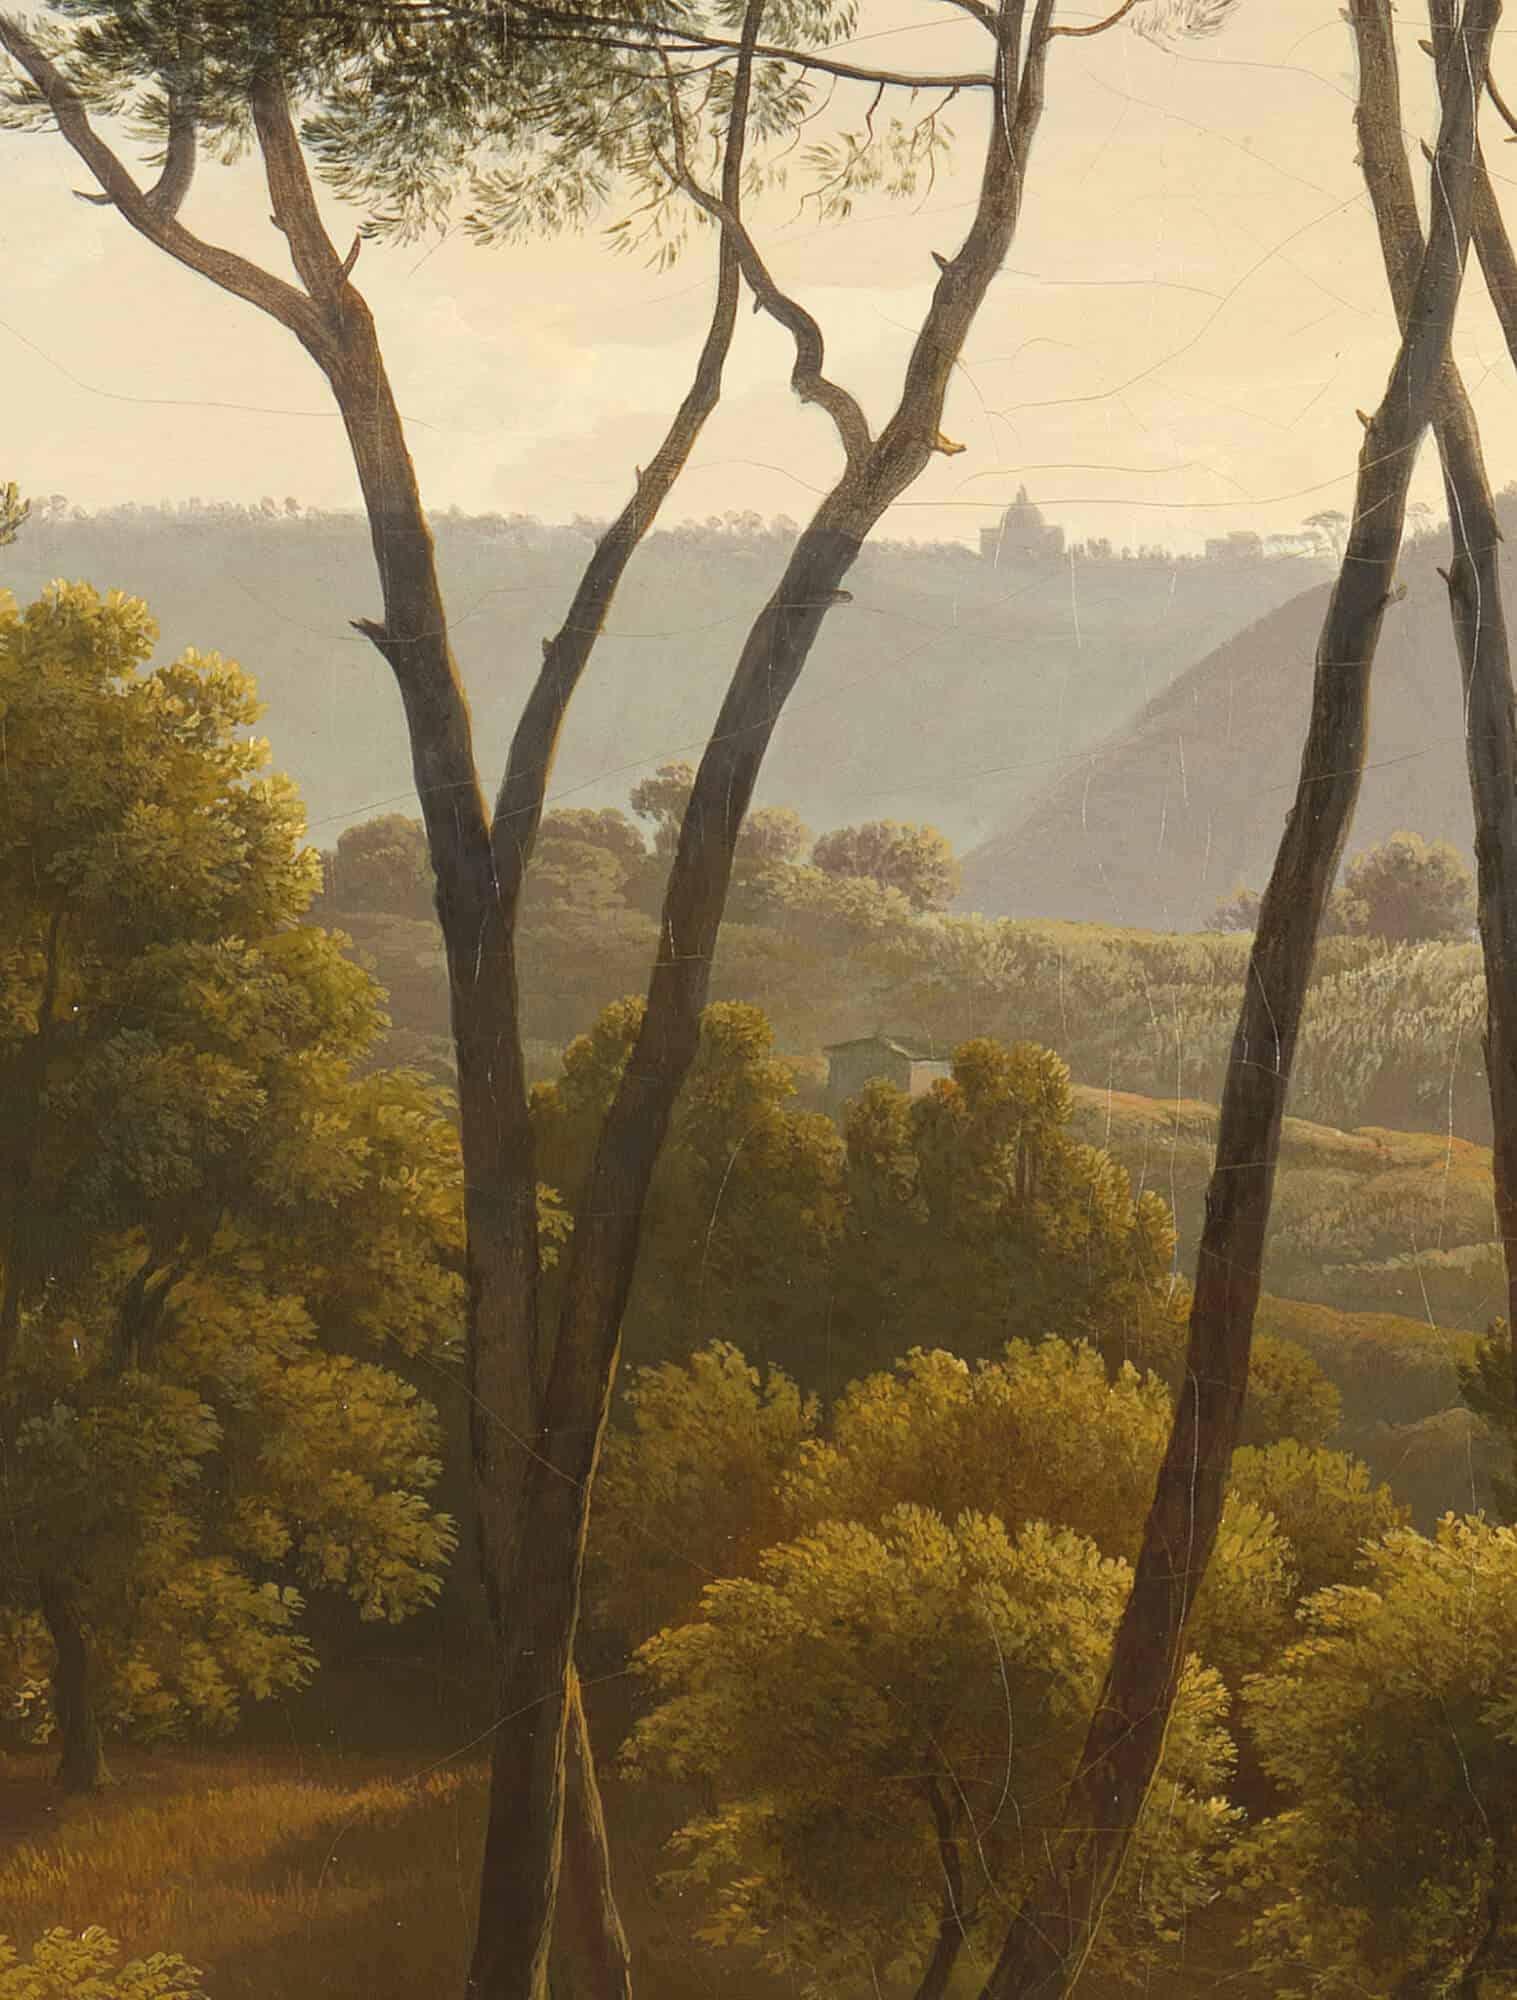 Fotobehang Golden Age Landscapes